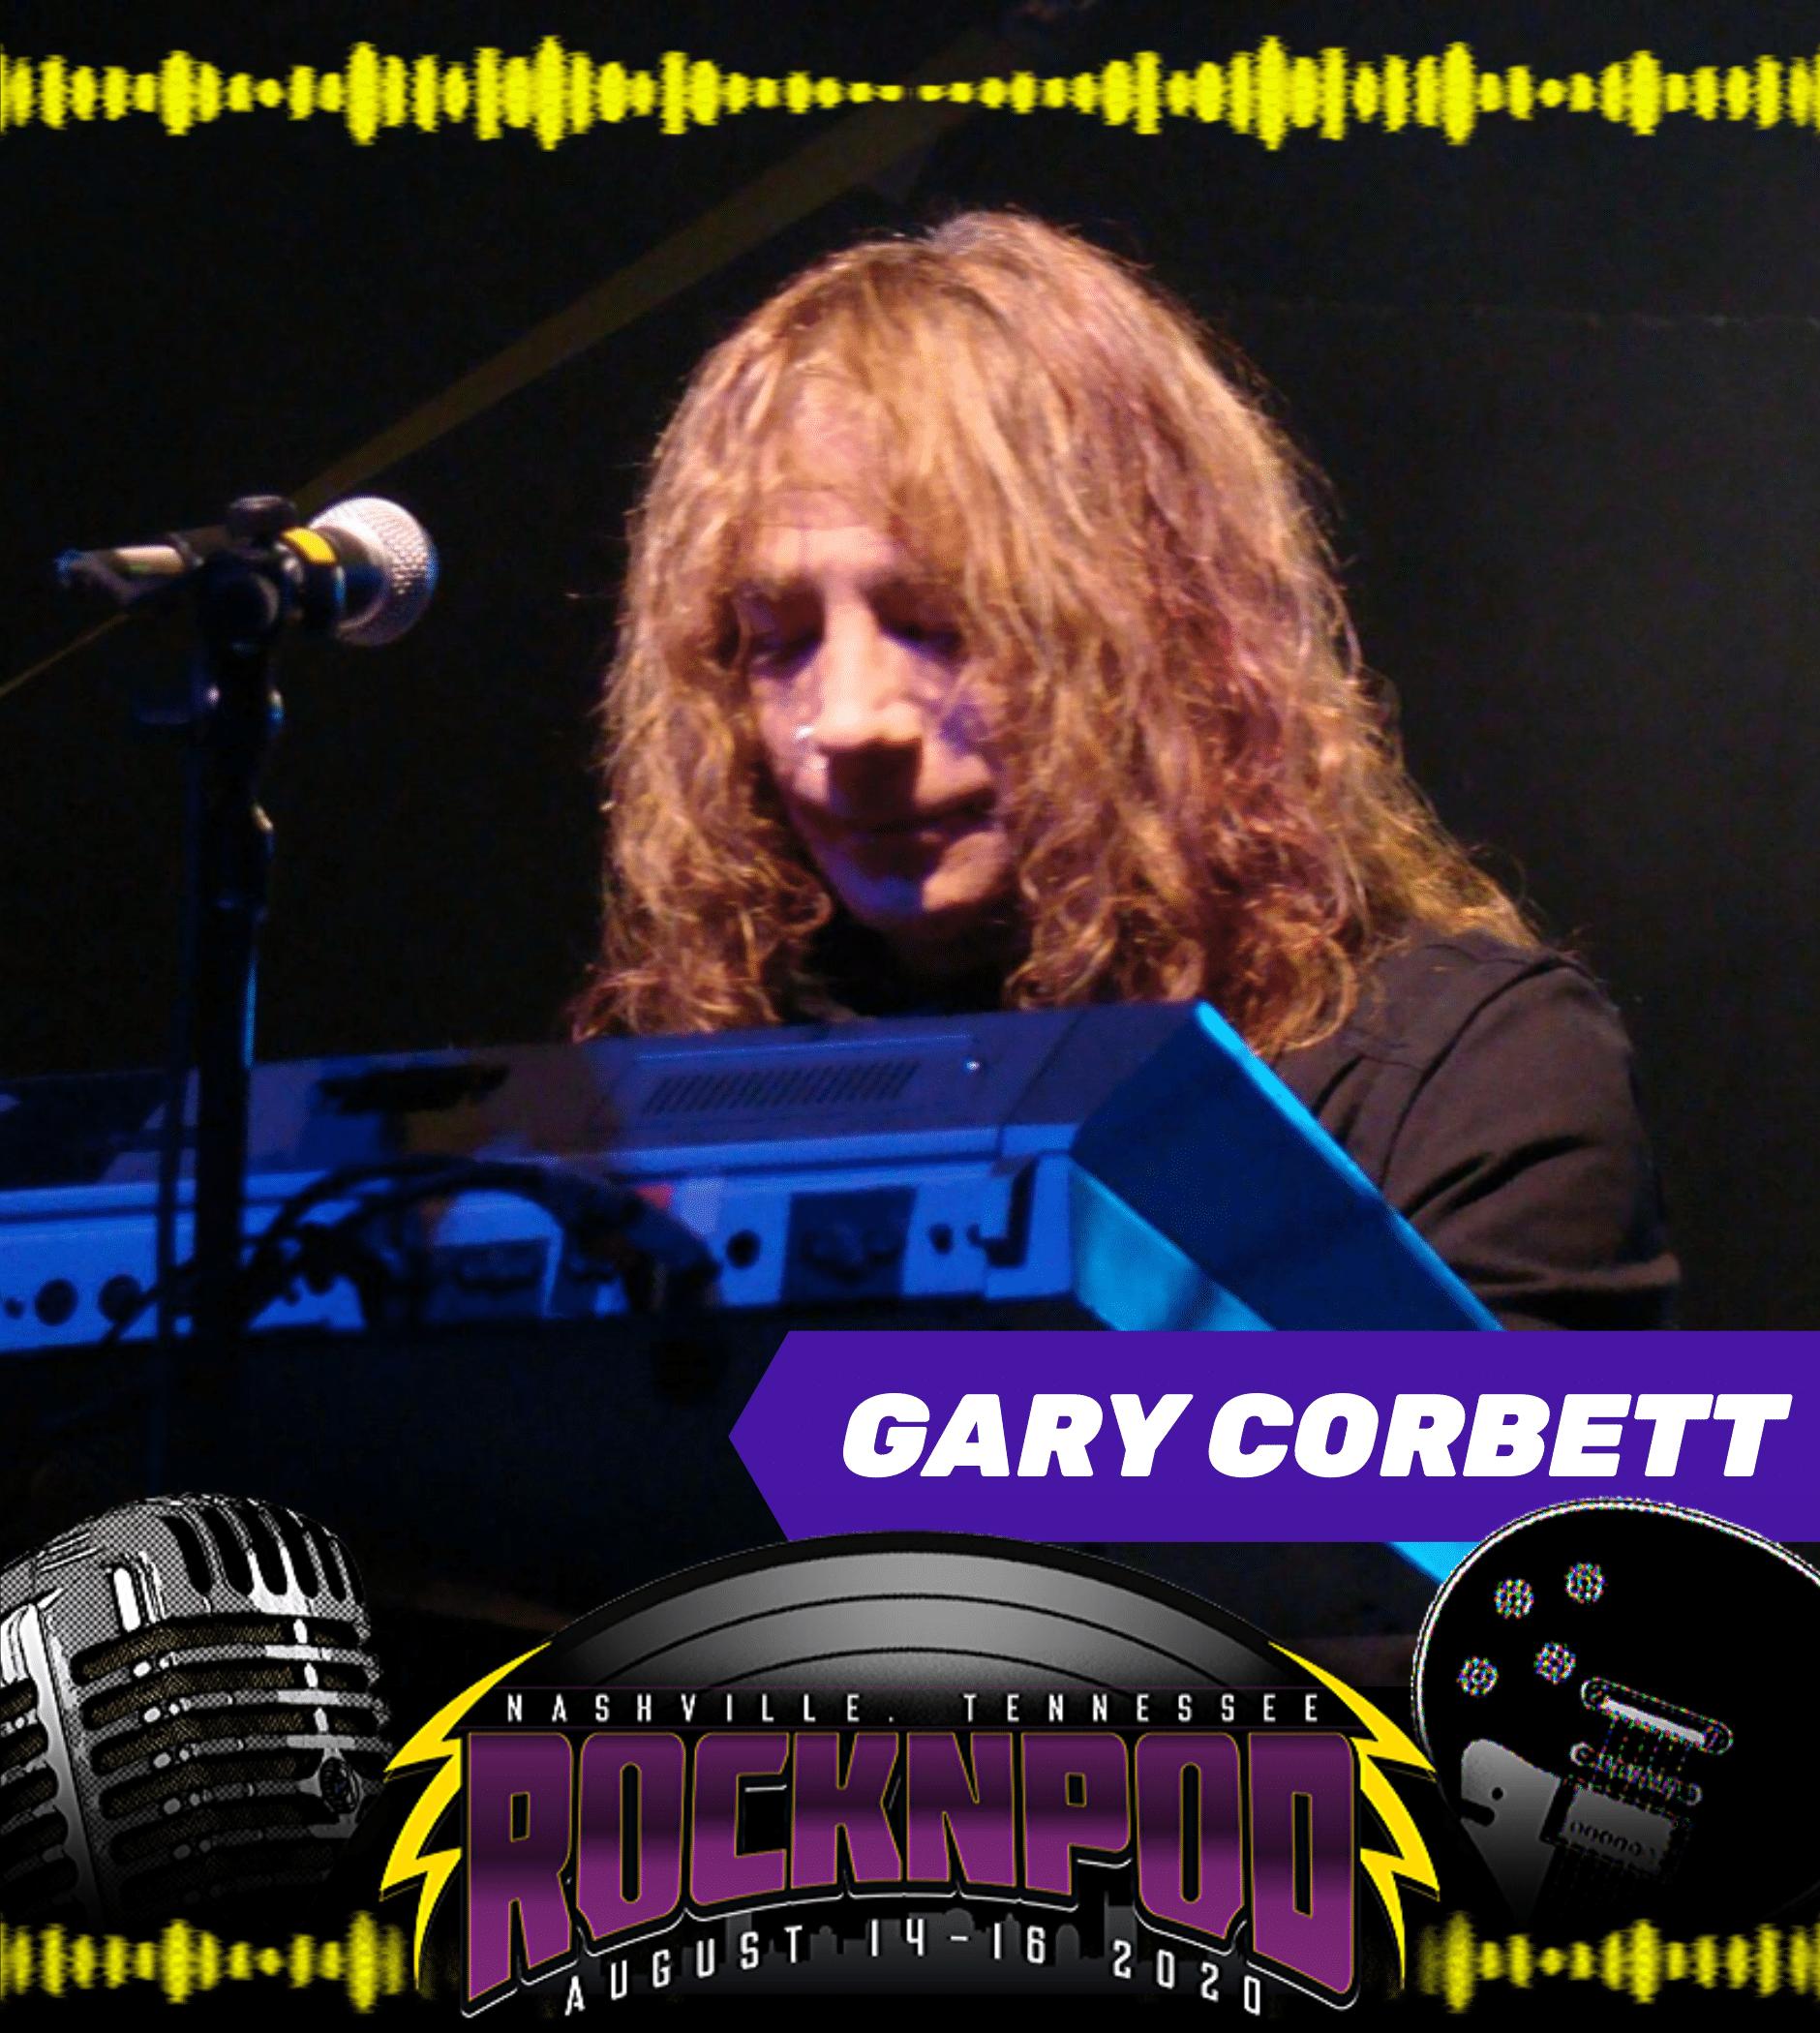 Gary Corbett